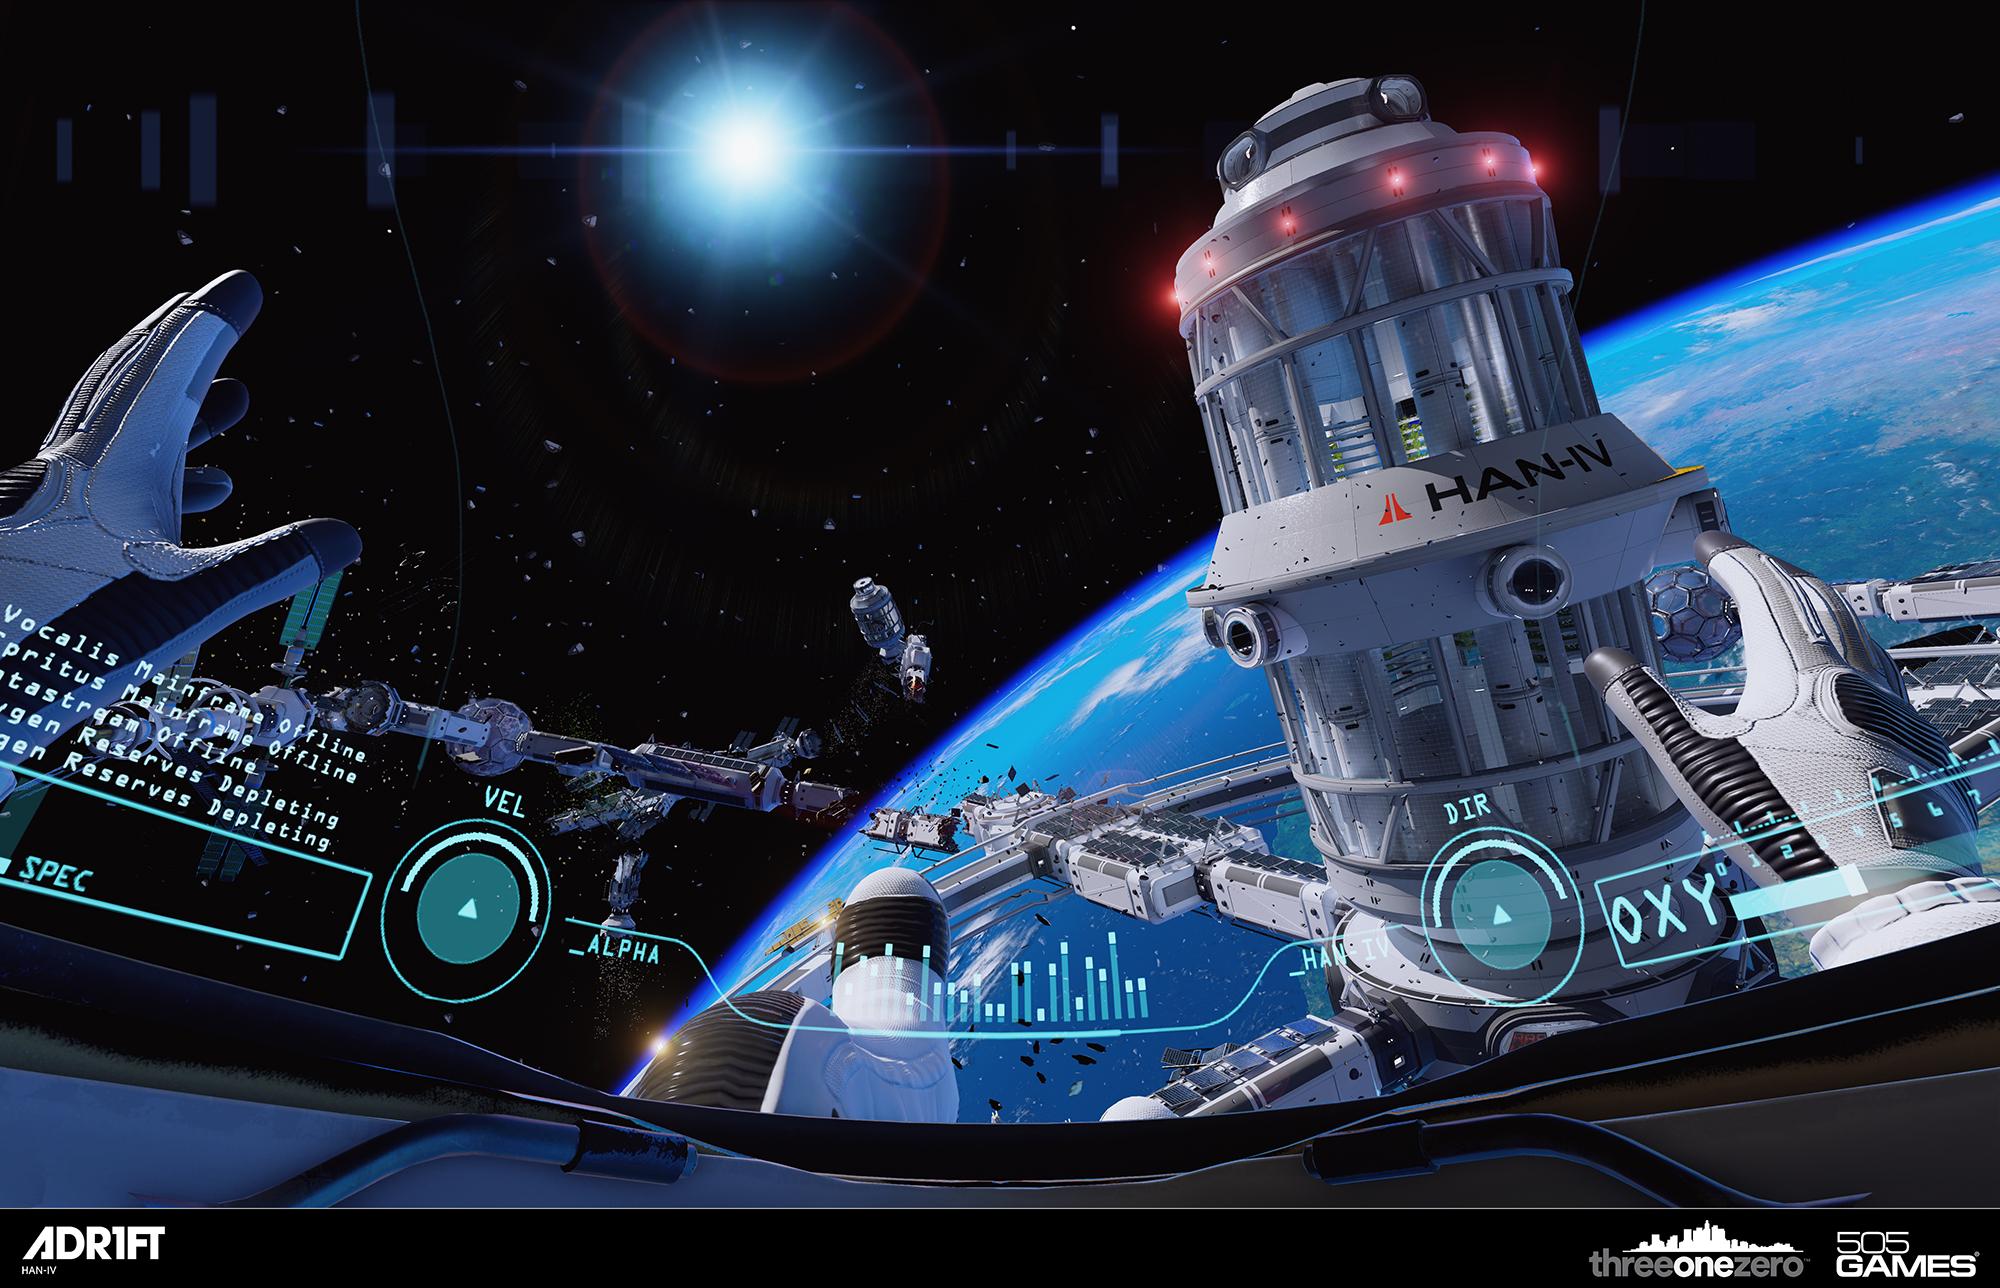 L'esperienza ADR1FT in uscita il 26 Marzo per #OculusRift corona il sogno di essere astronauti